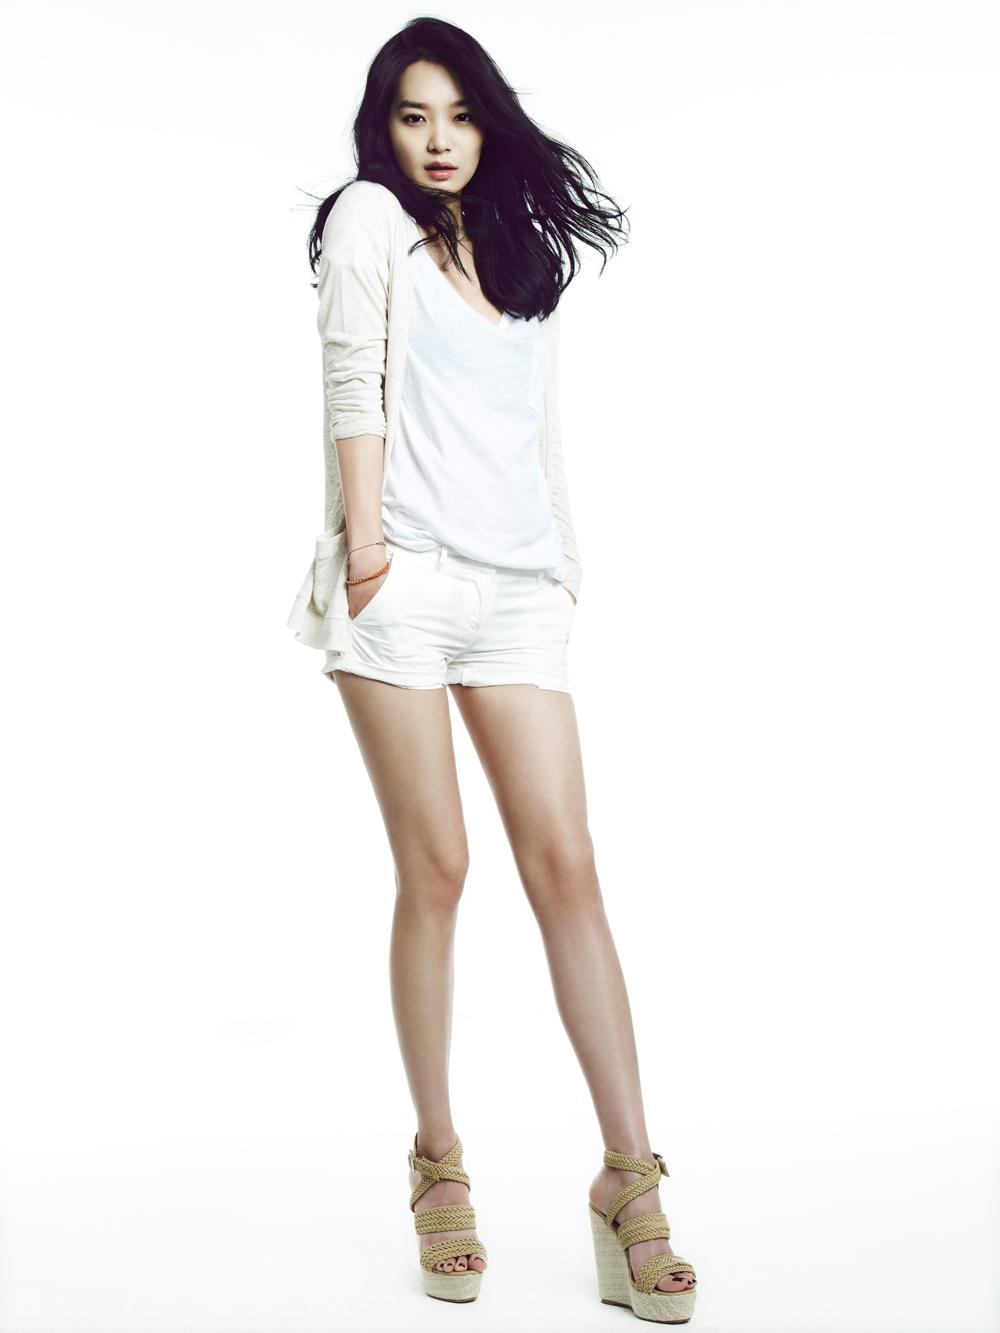 Shin Min Ah Official Website Photographs Updated 2012